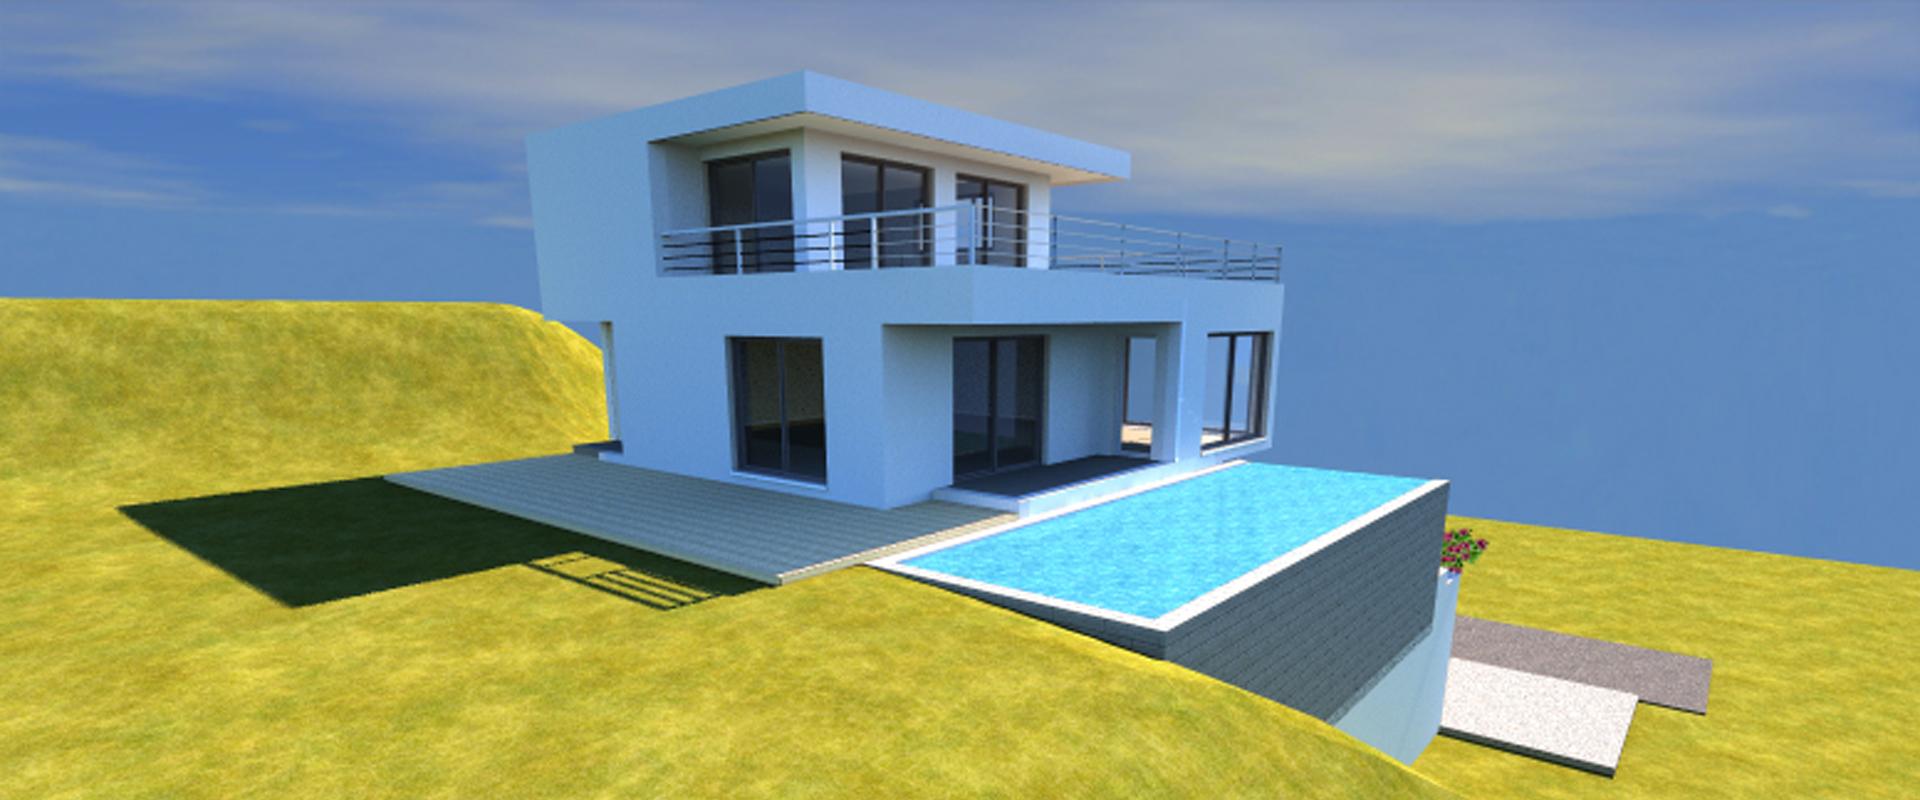 Conception 3d d 39 un plan de maison avec piscine d bordement for Site de conception de maison